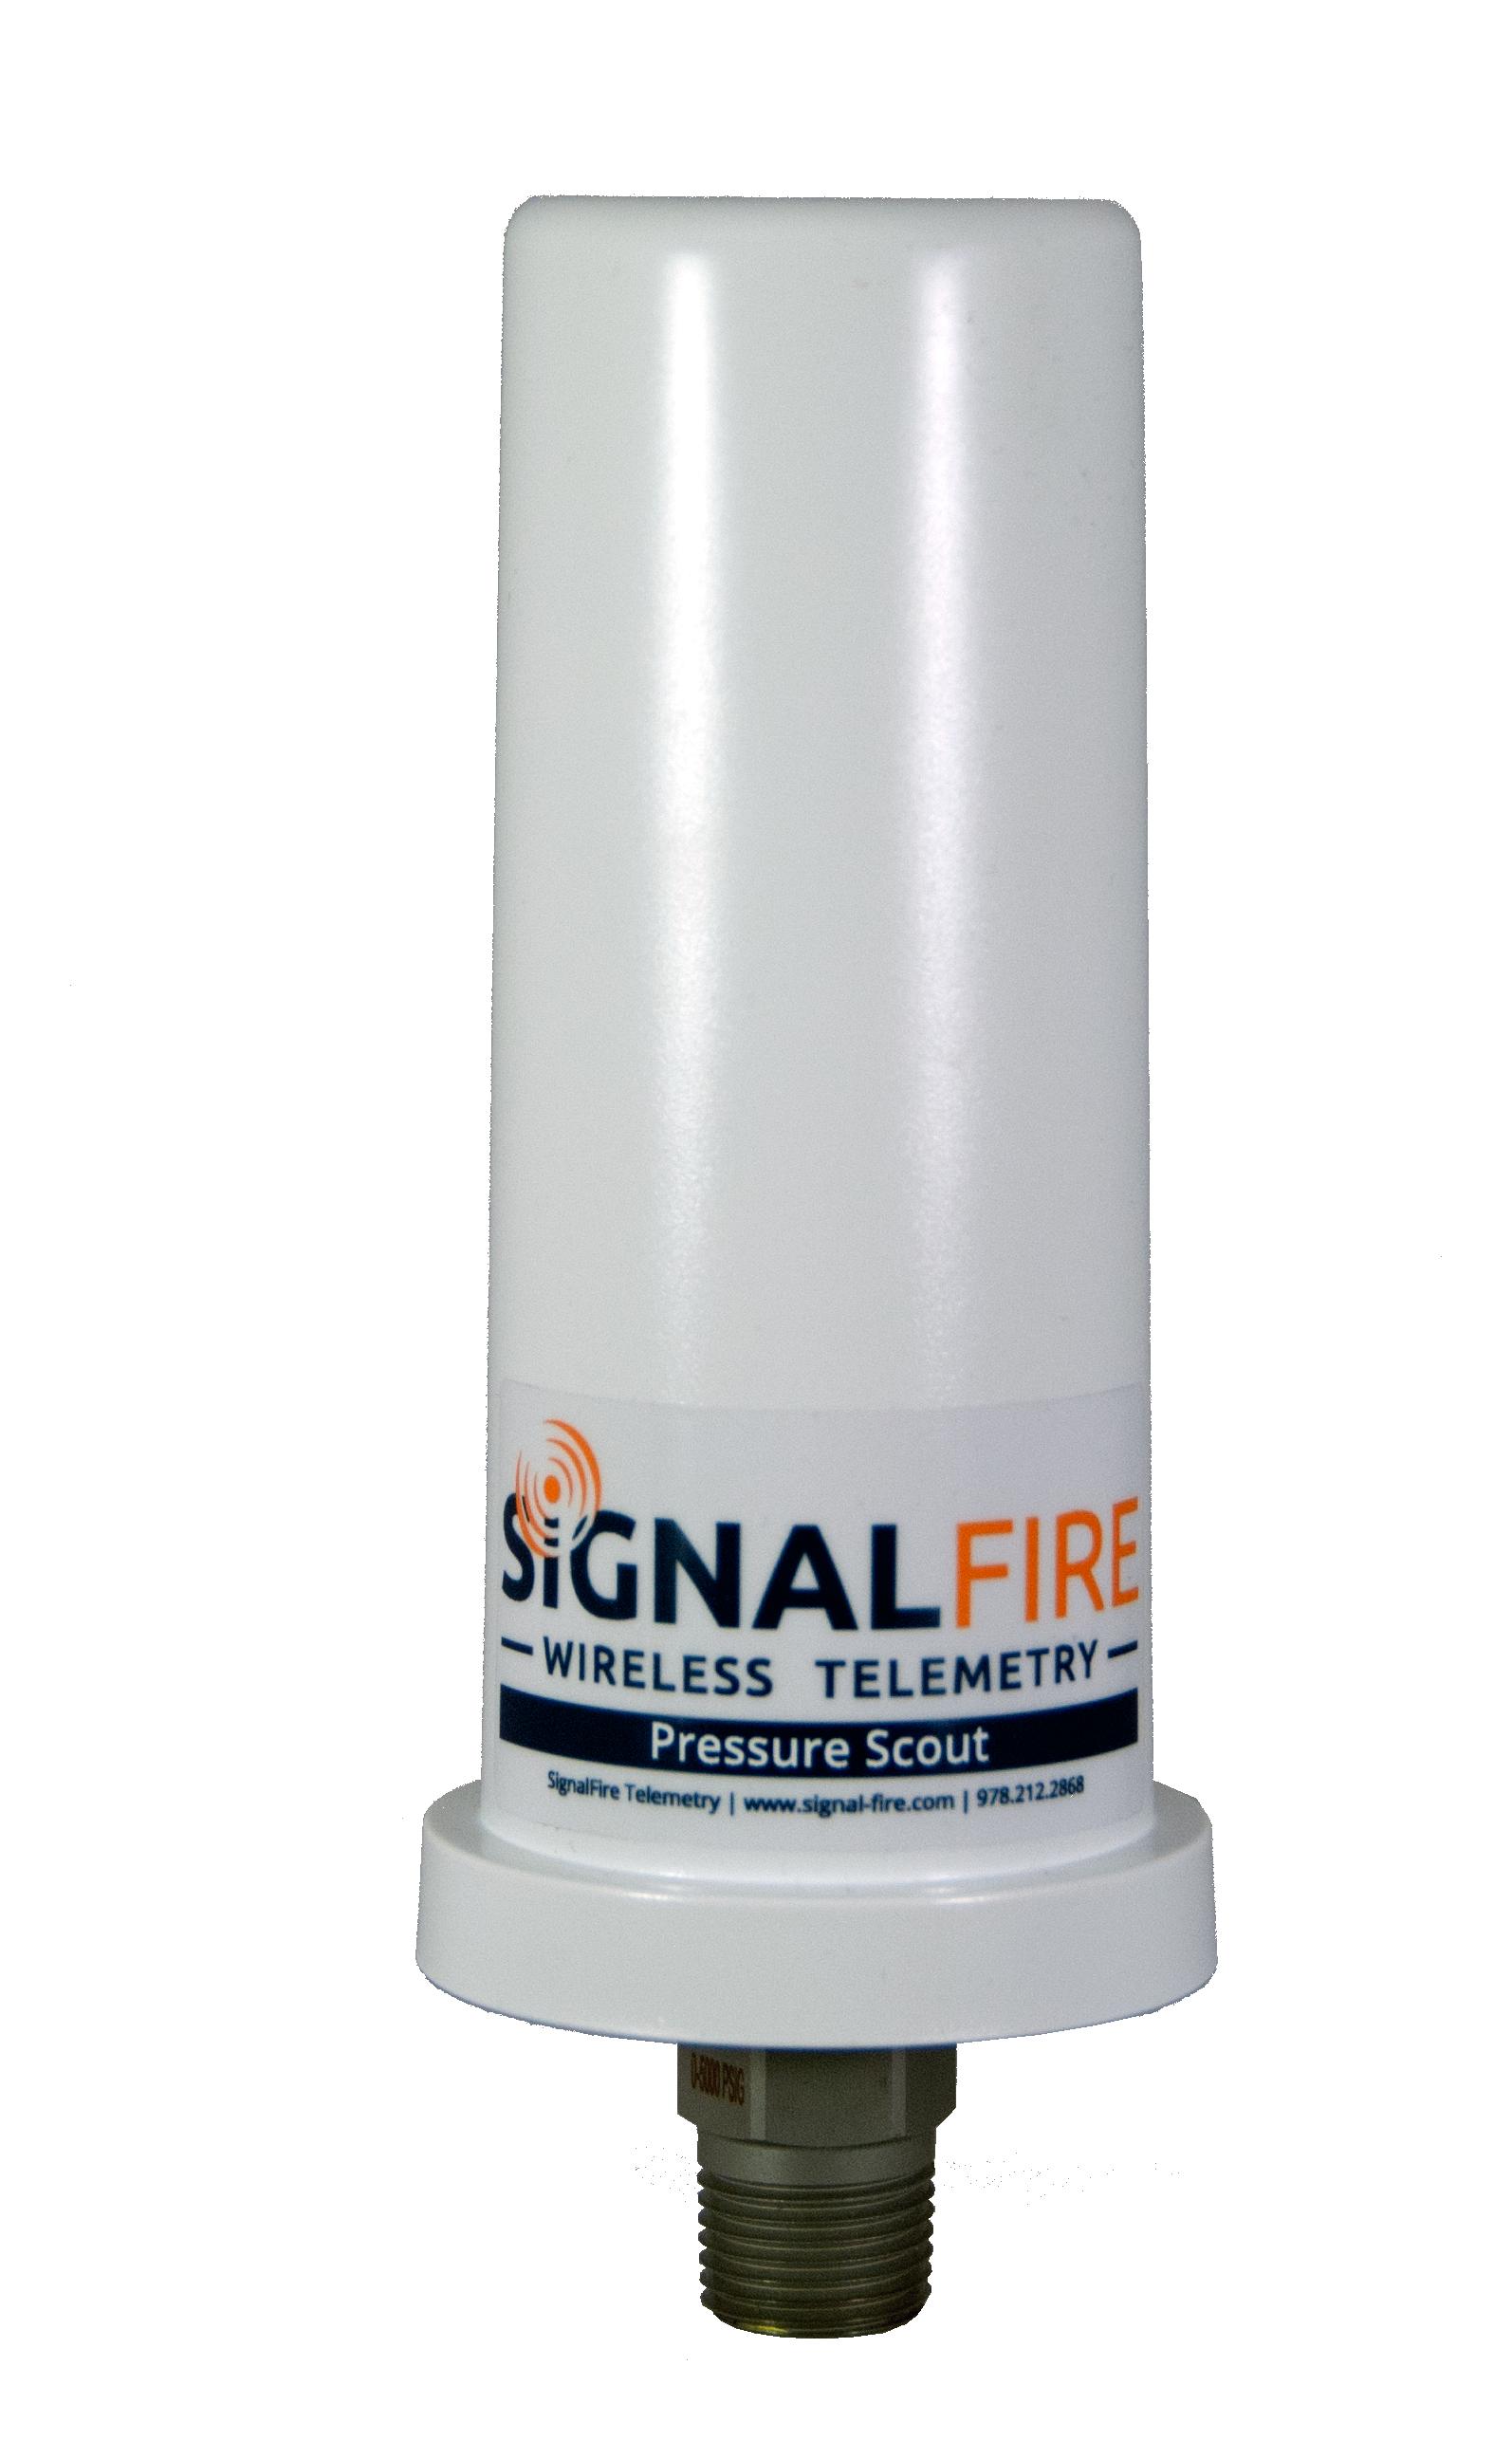 Wireless Pressure Sensor